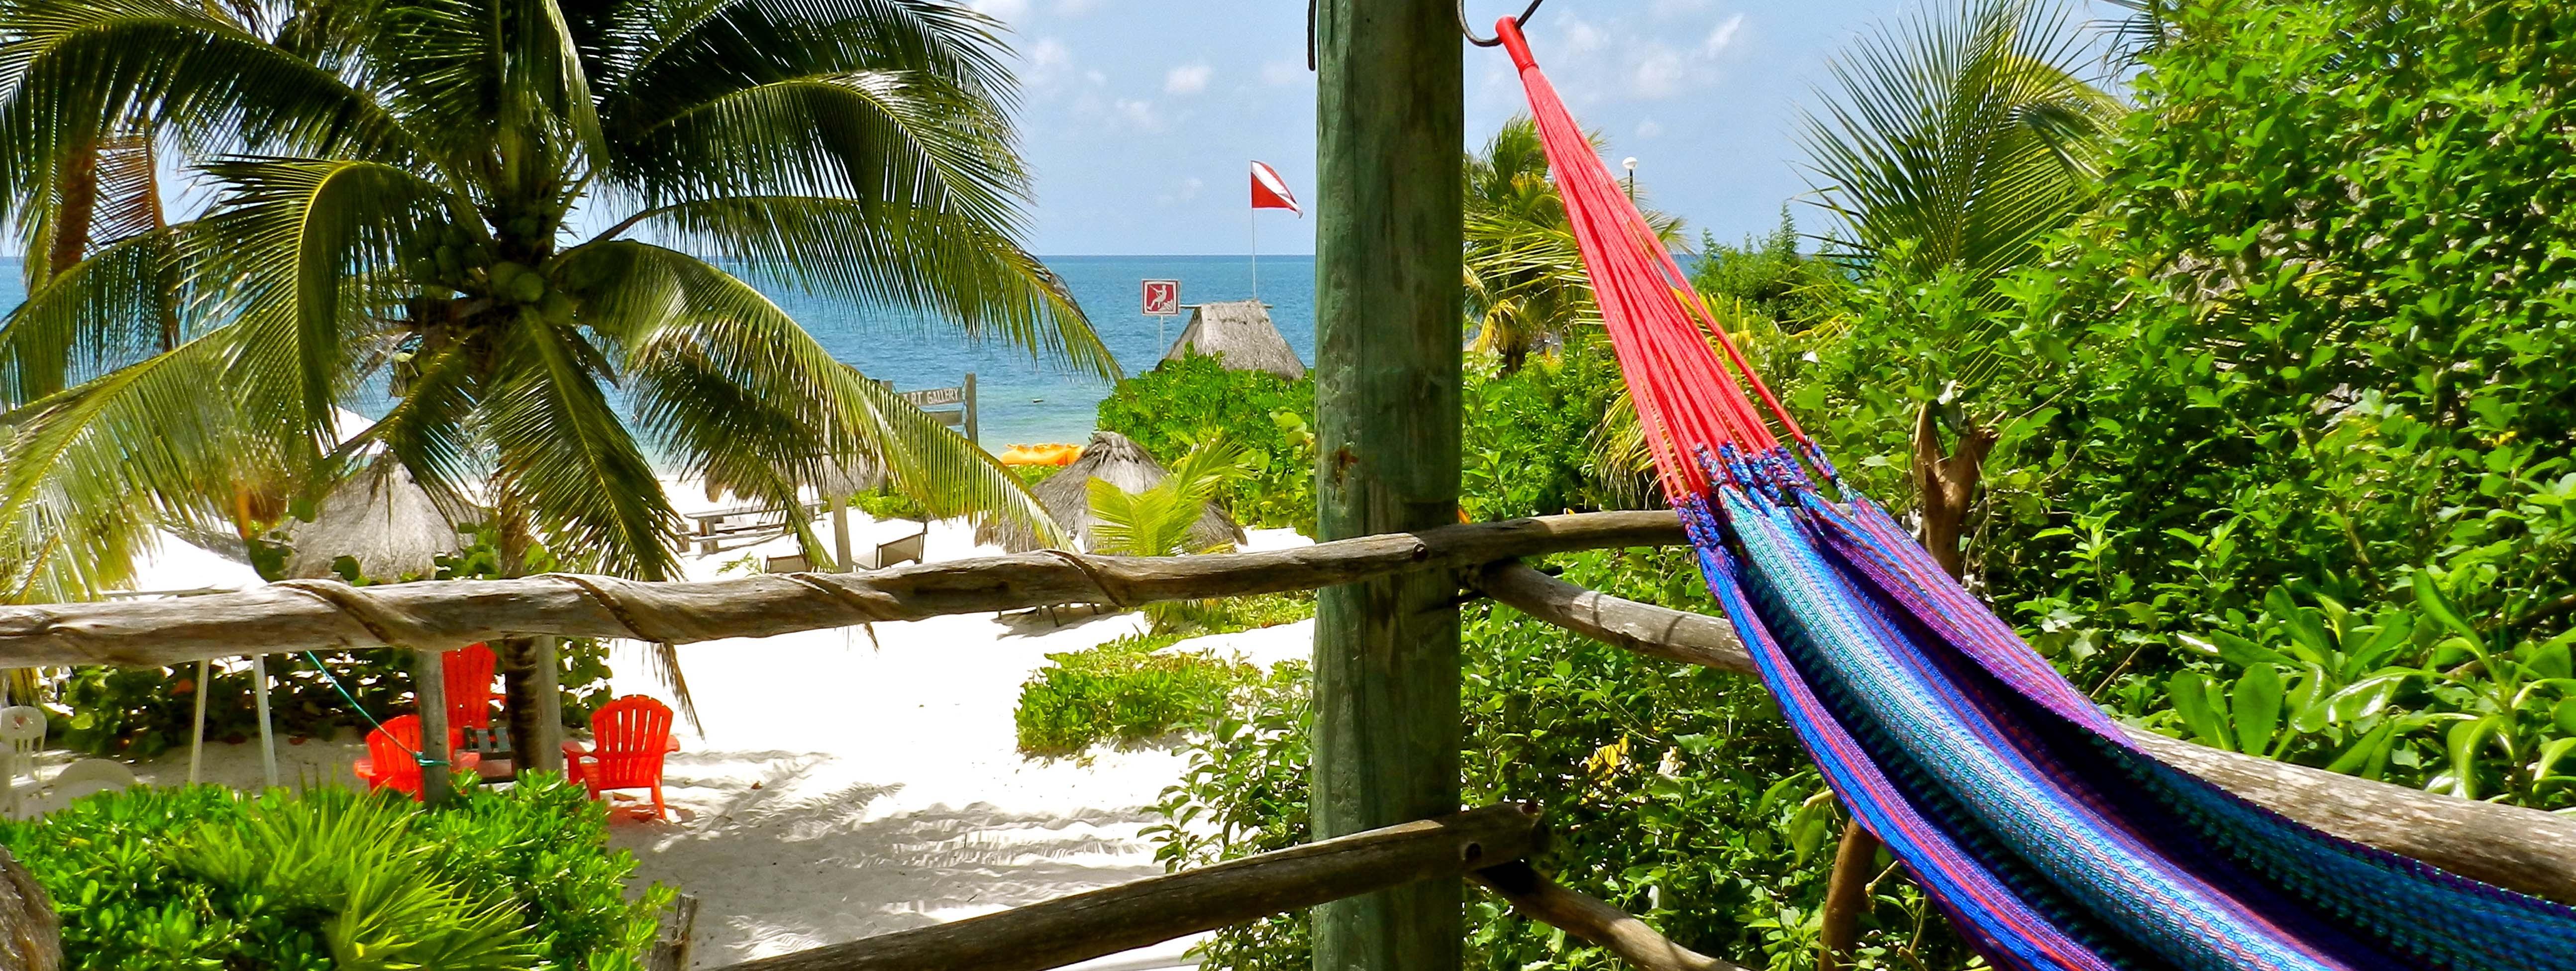 Acamaya Reef Cabanas Puerto Morelos